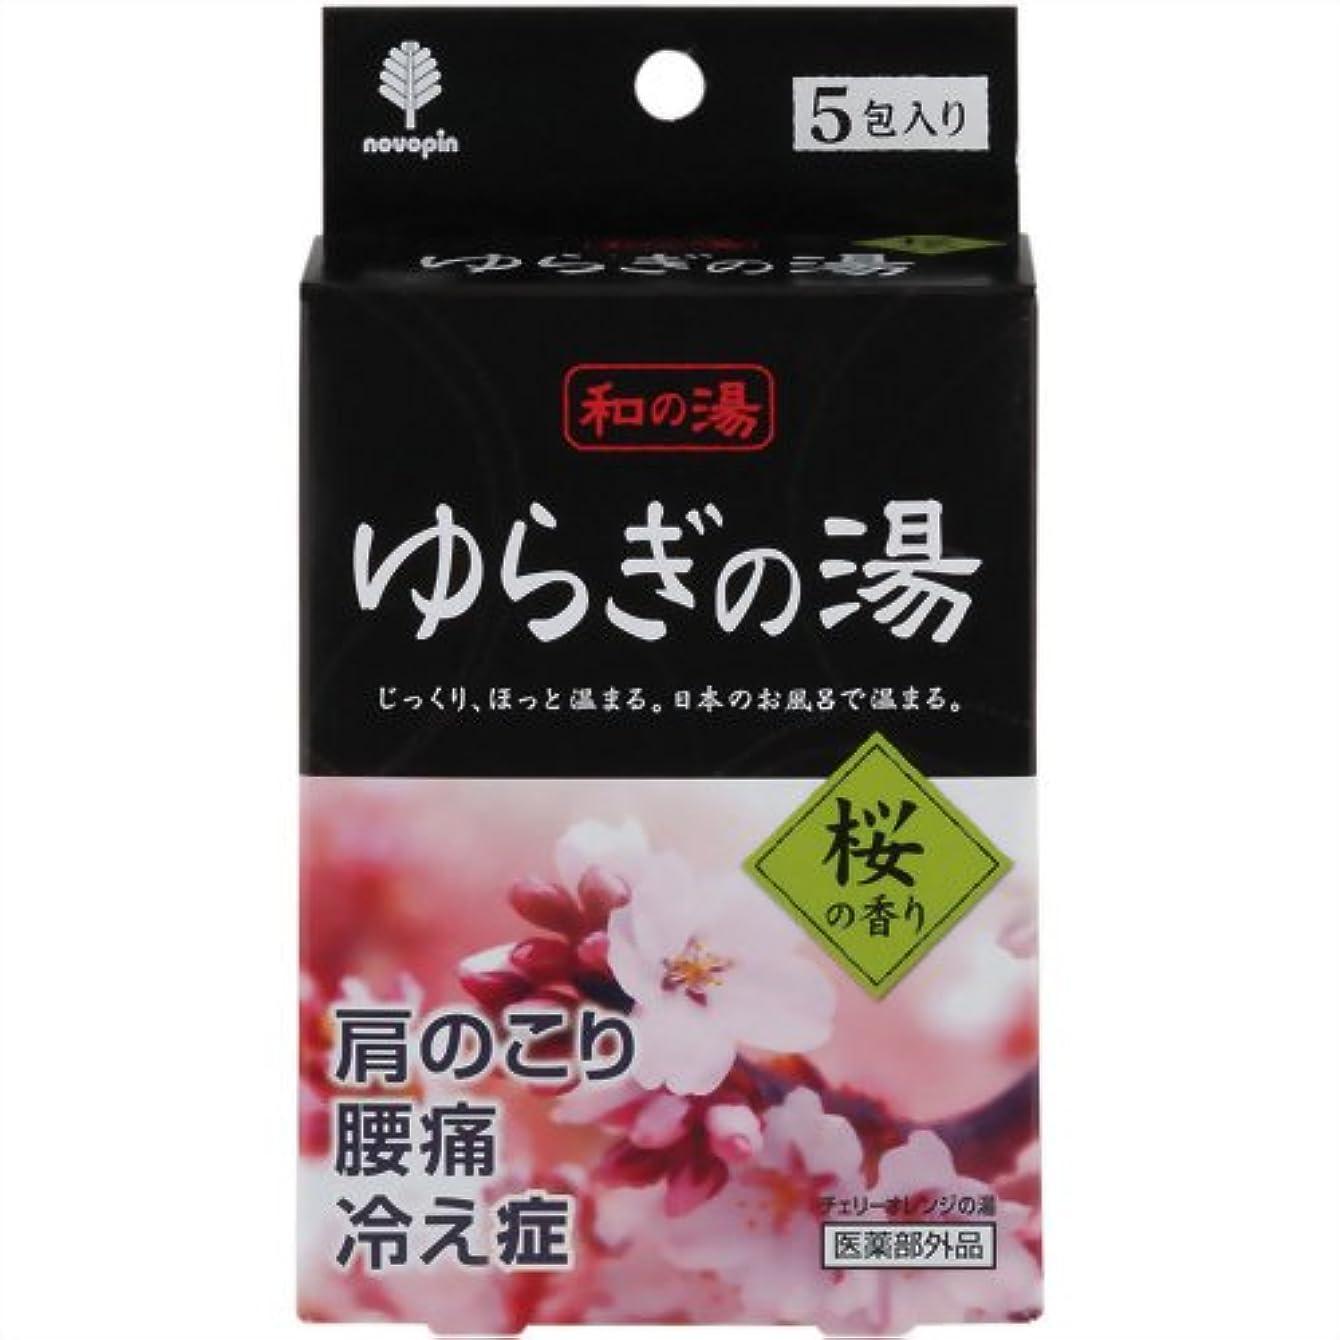 記録レーダー吸収する和の湯 ゆらぎの湯 桜の香り